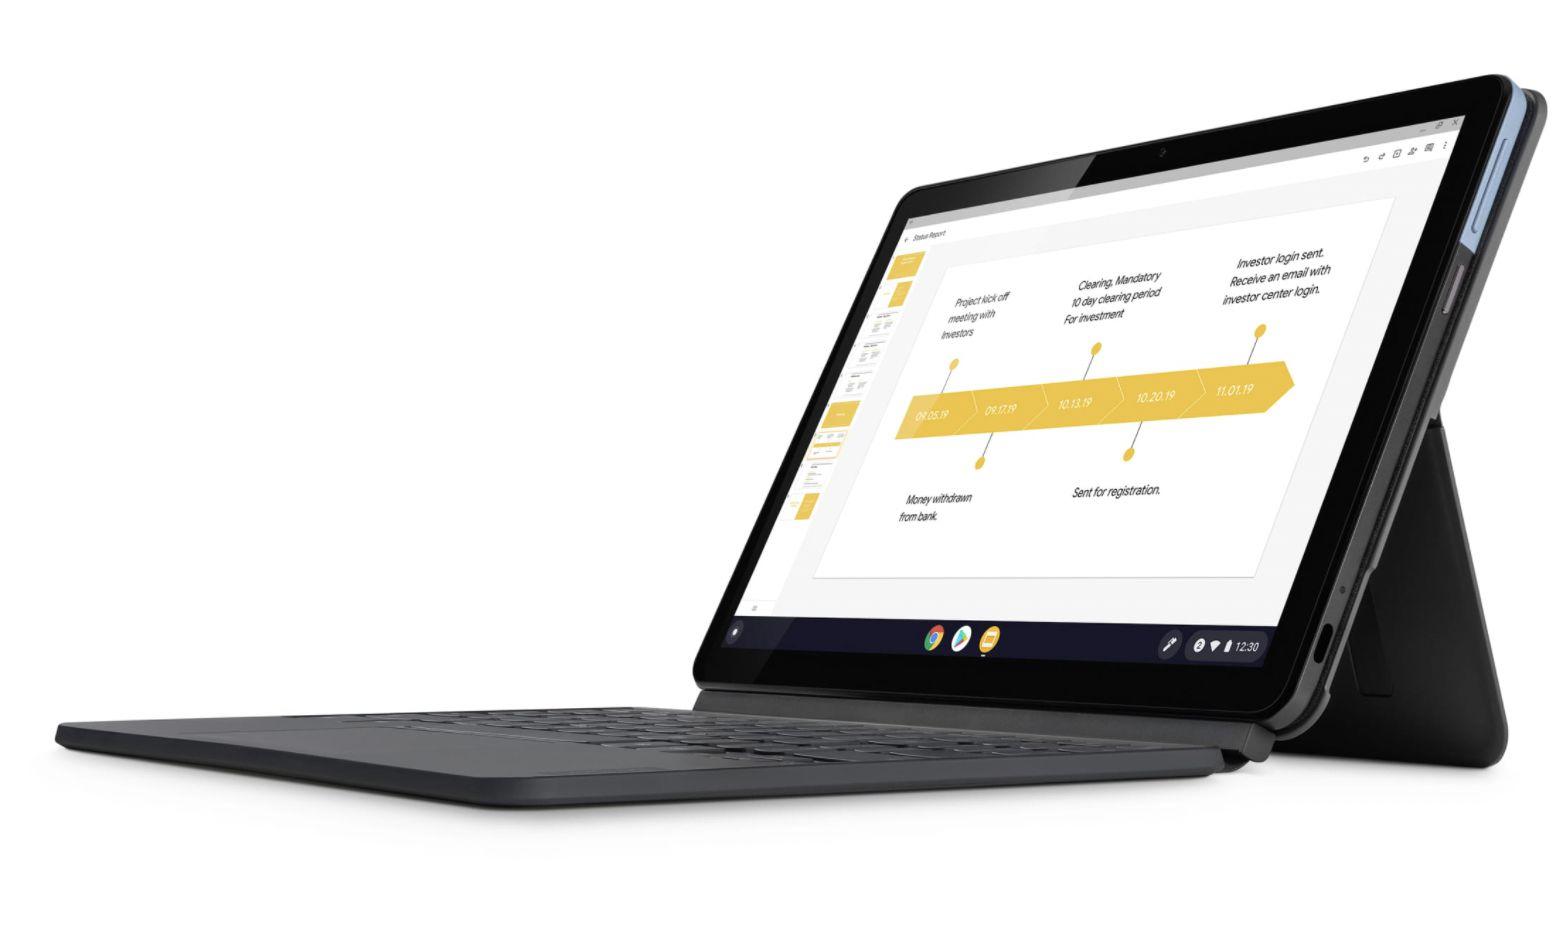 Google Chromebook in black